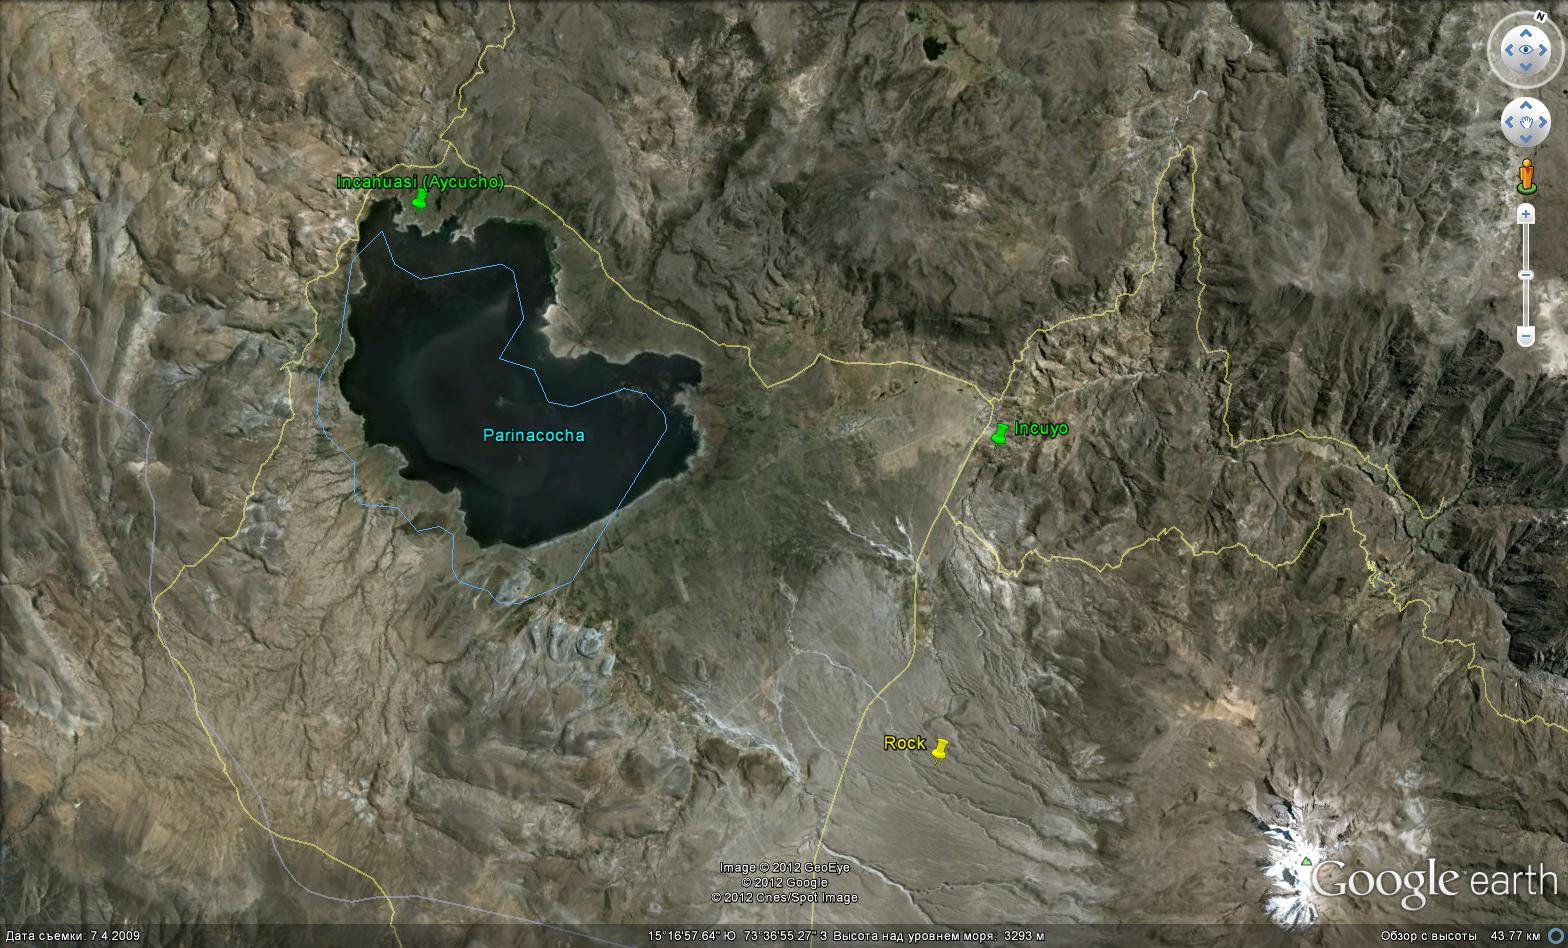 Треугольник объектов: Incahuasi-Inkuyo-Rock.